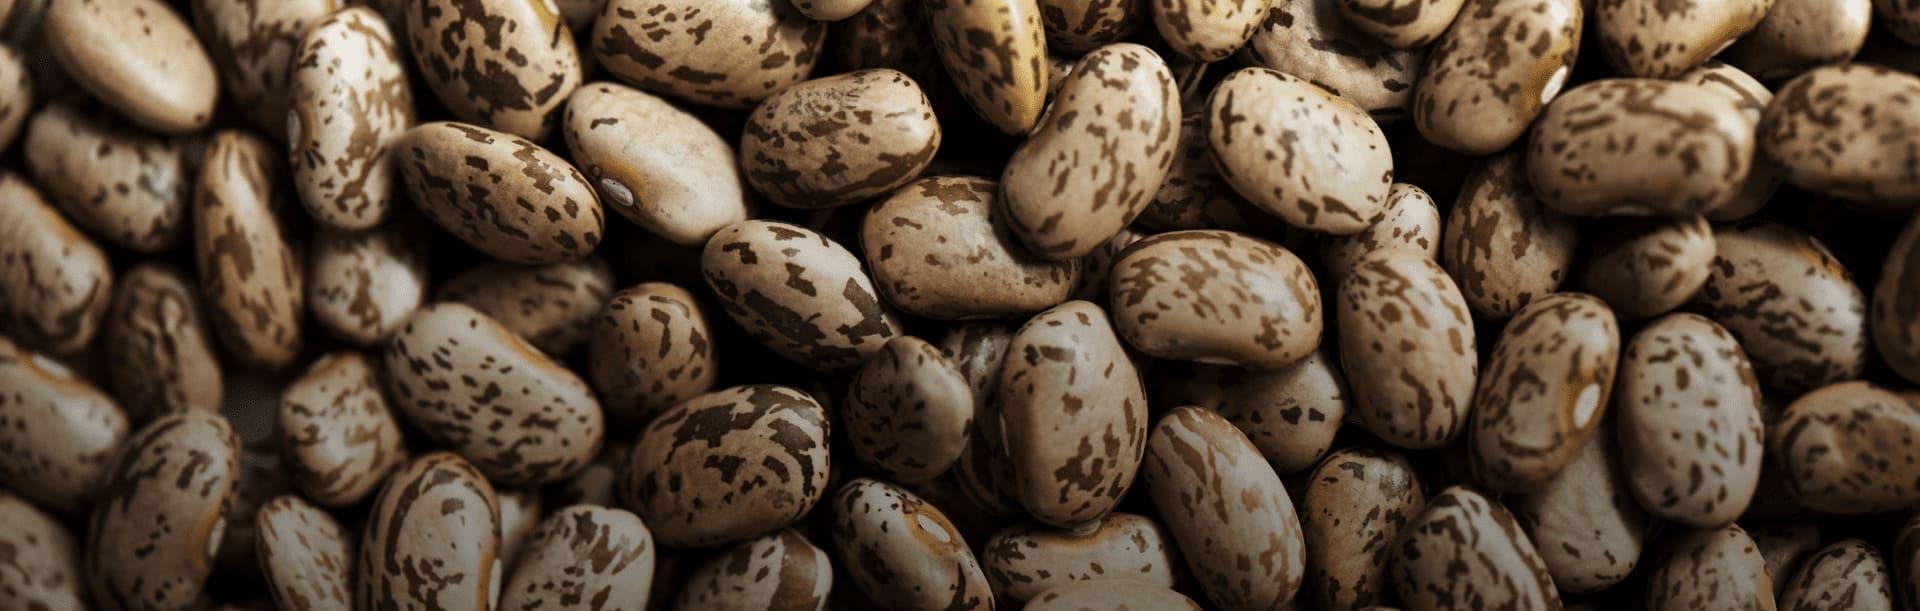 Foto ilustrativa de grãos de feijão